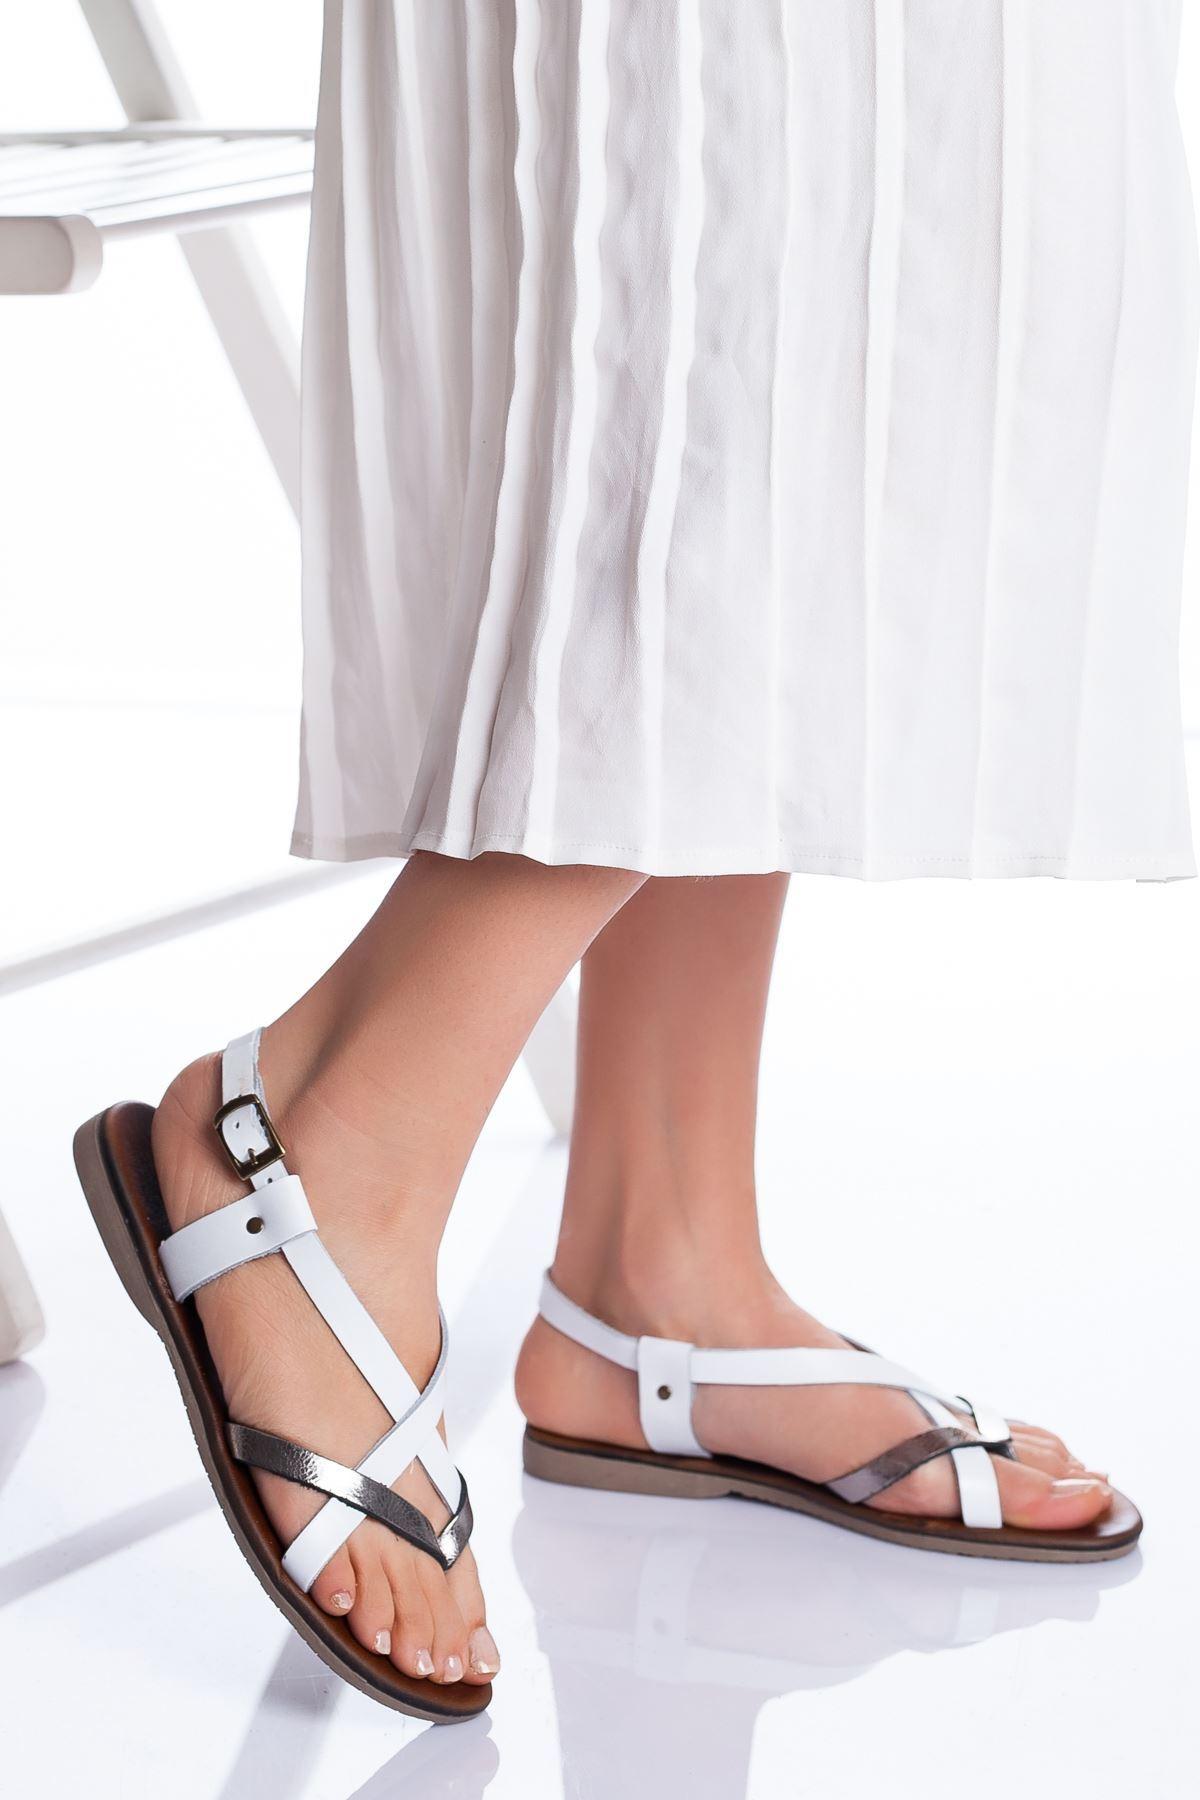 Amara Hakiki Deri Sandalet BEYAZ-GÜMÜŞ